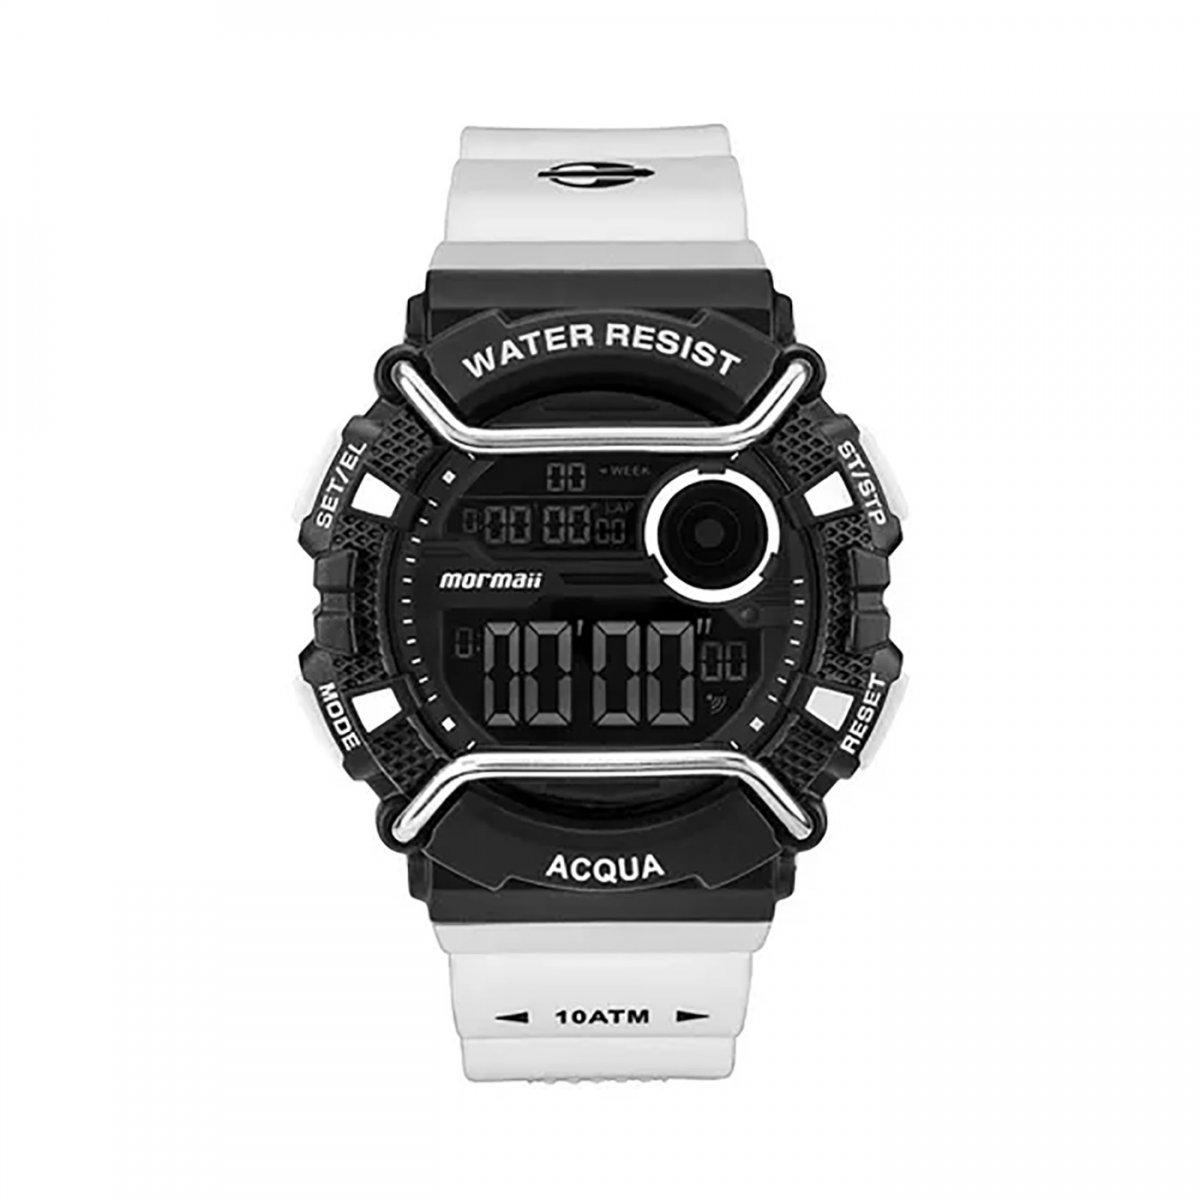 095e7e46036 Compre Relógio Mormaii em 10X